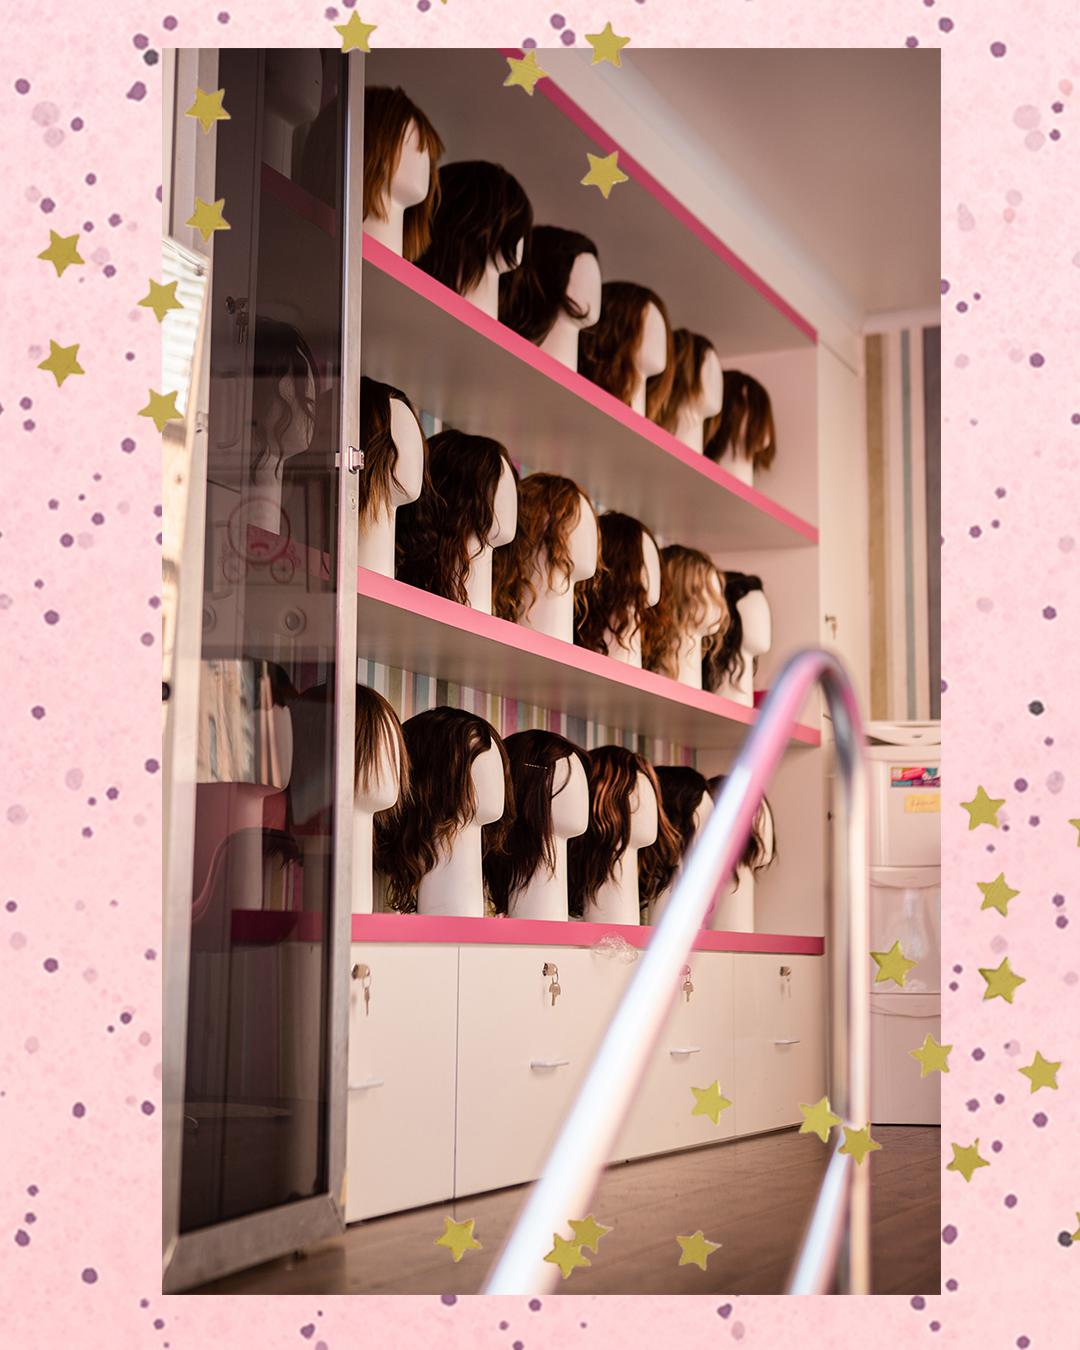 Foto de várias perucas em prateleiras que ficam dentro do Banco de Perucas Móvel, da ONG Cabelegria, em fundo rosa com bolinhas e estrelas douradas